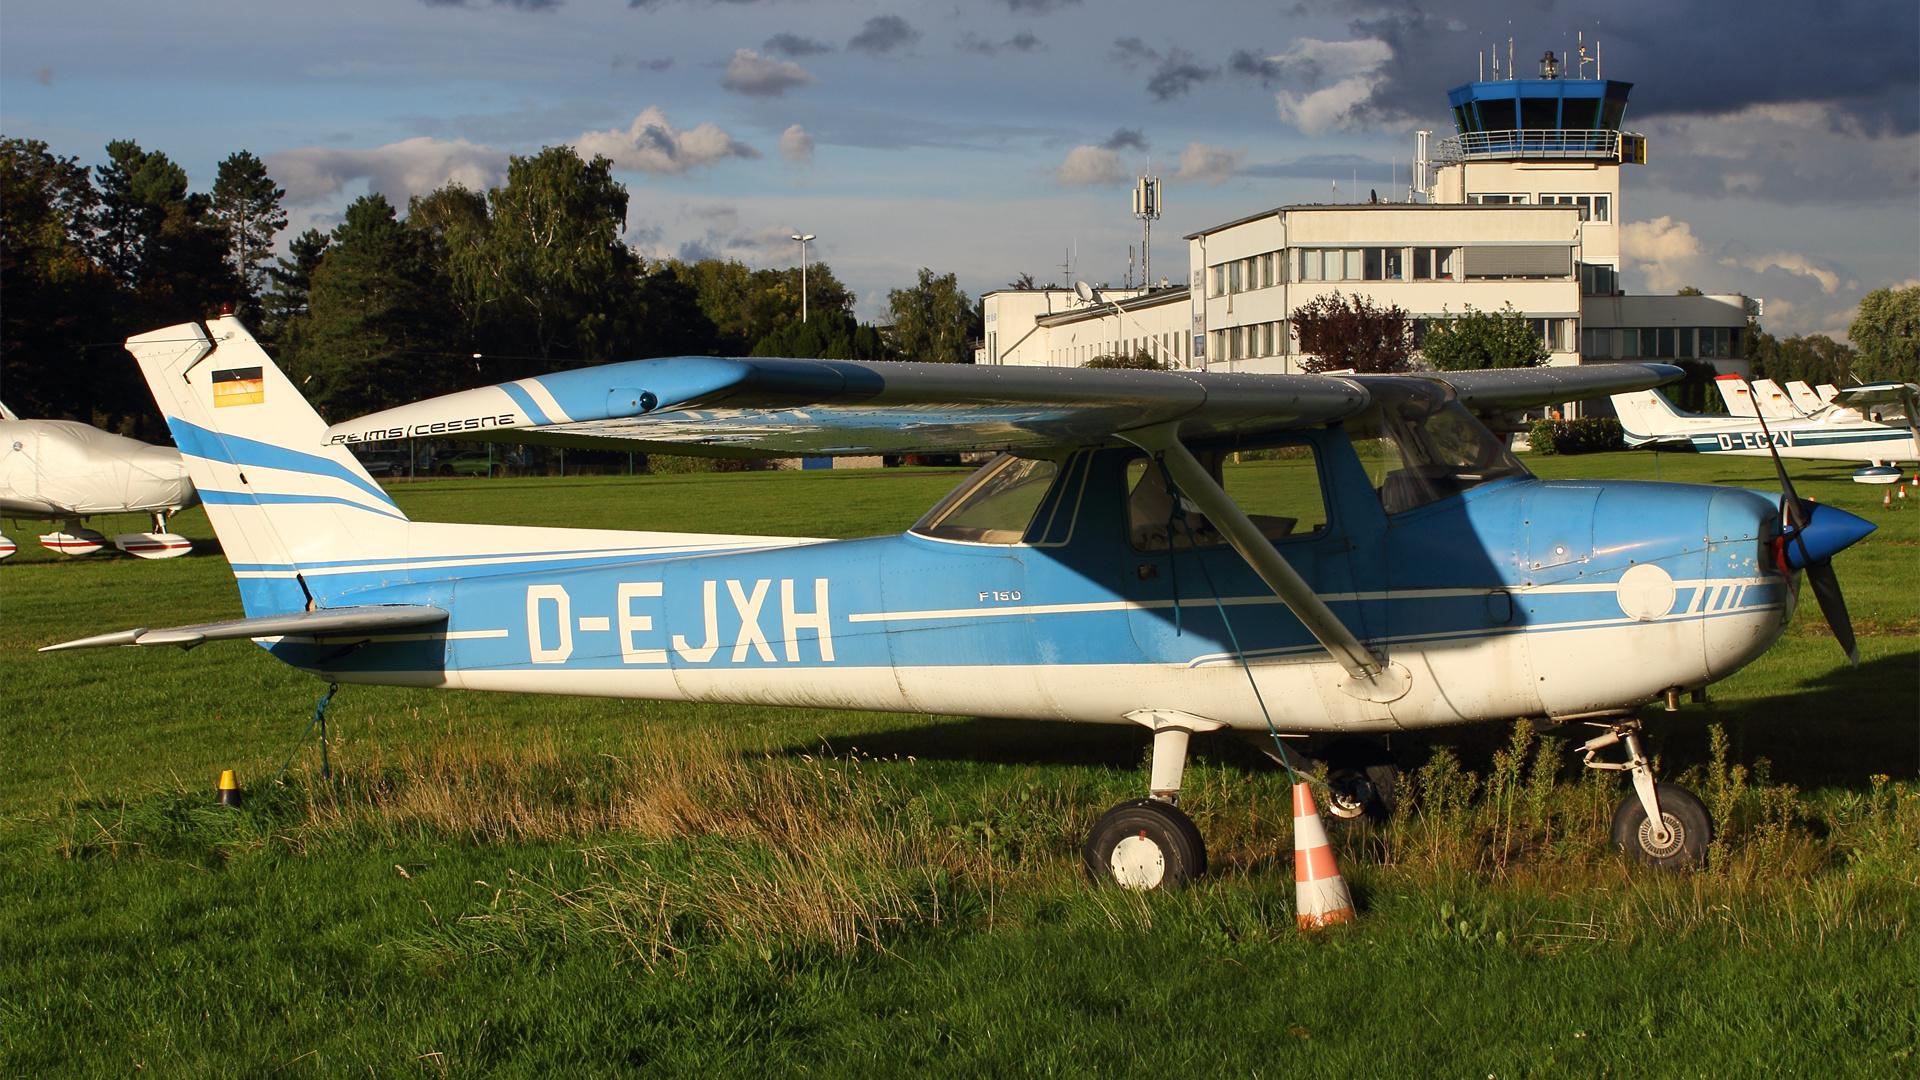 D-EJXH-1 C150 ESS 201509